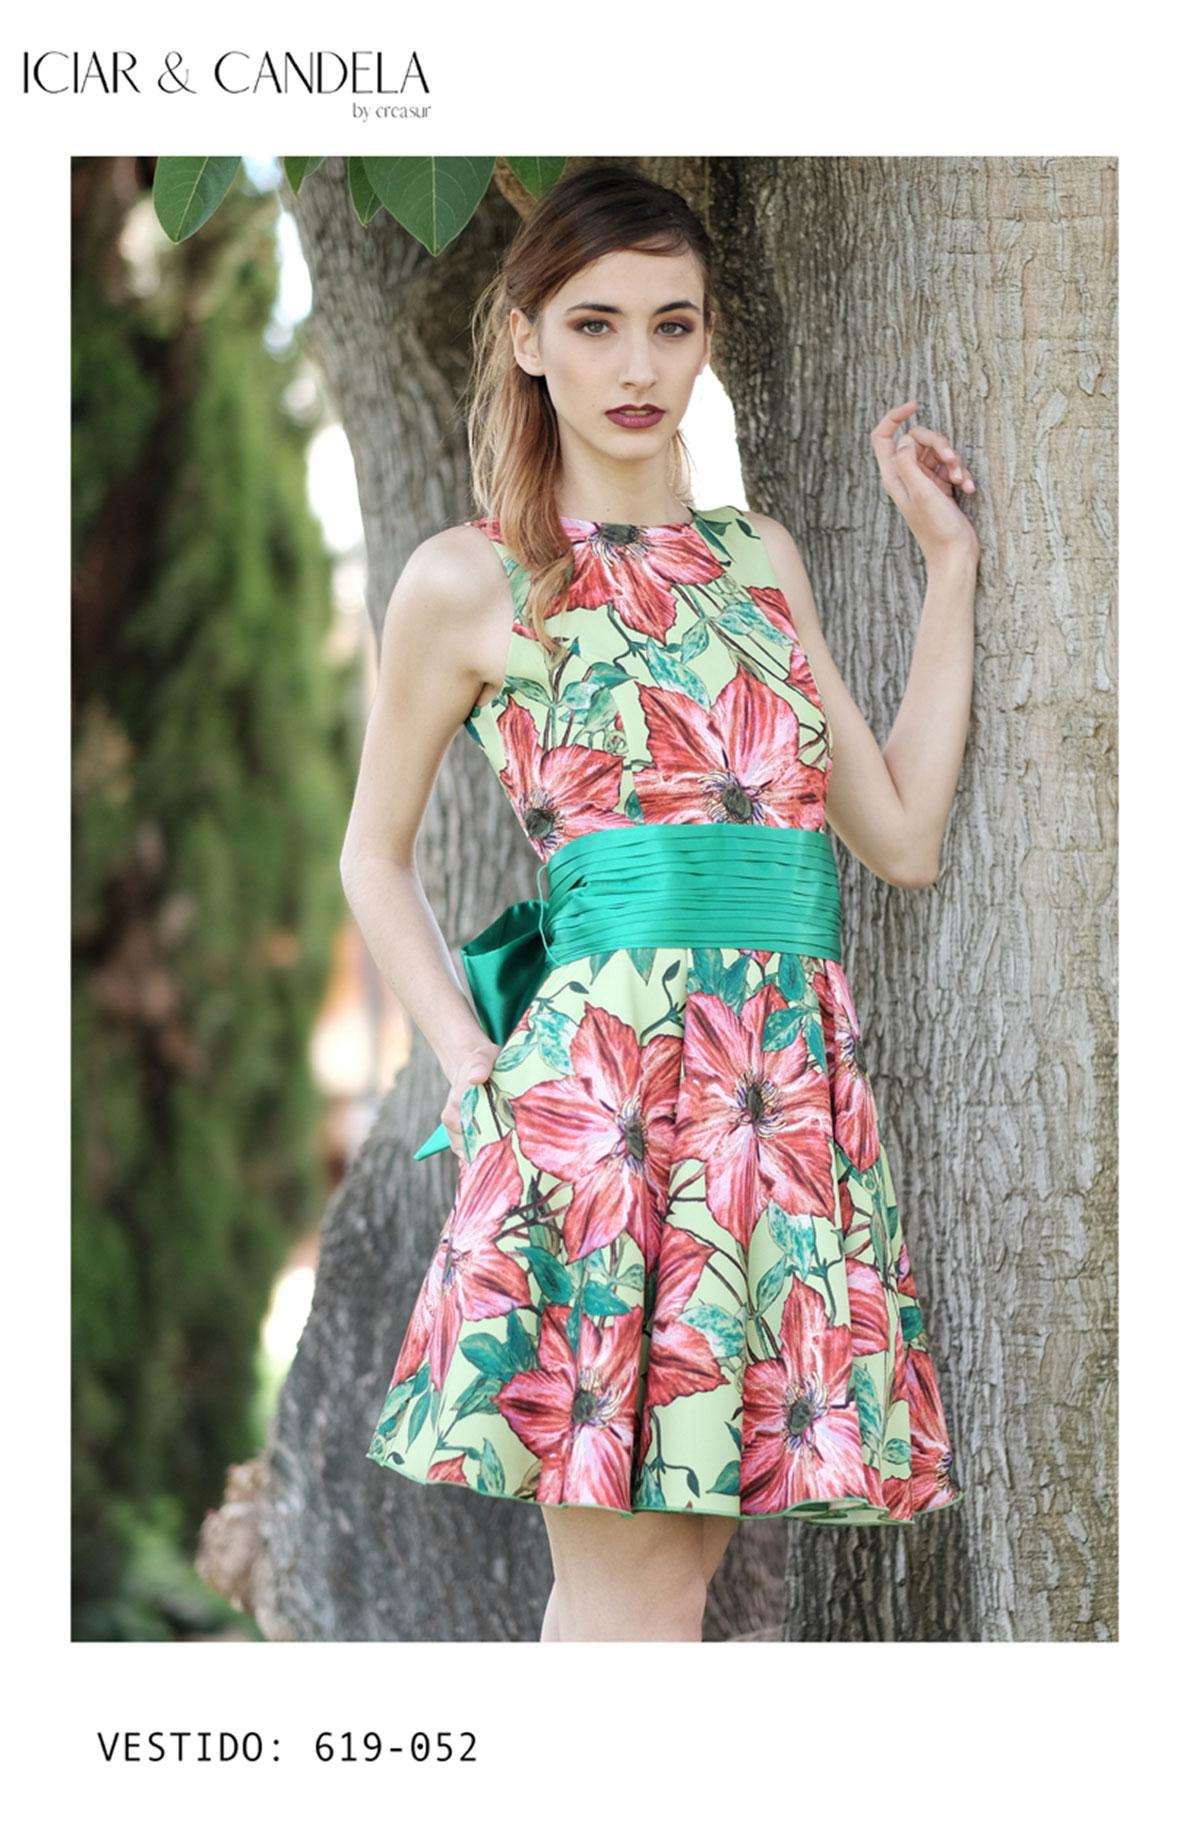 Tienda fajines para vestidos de fiesta